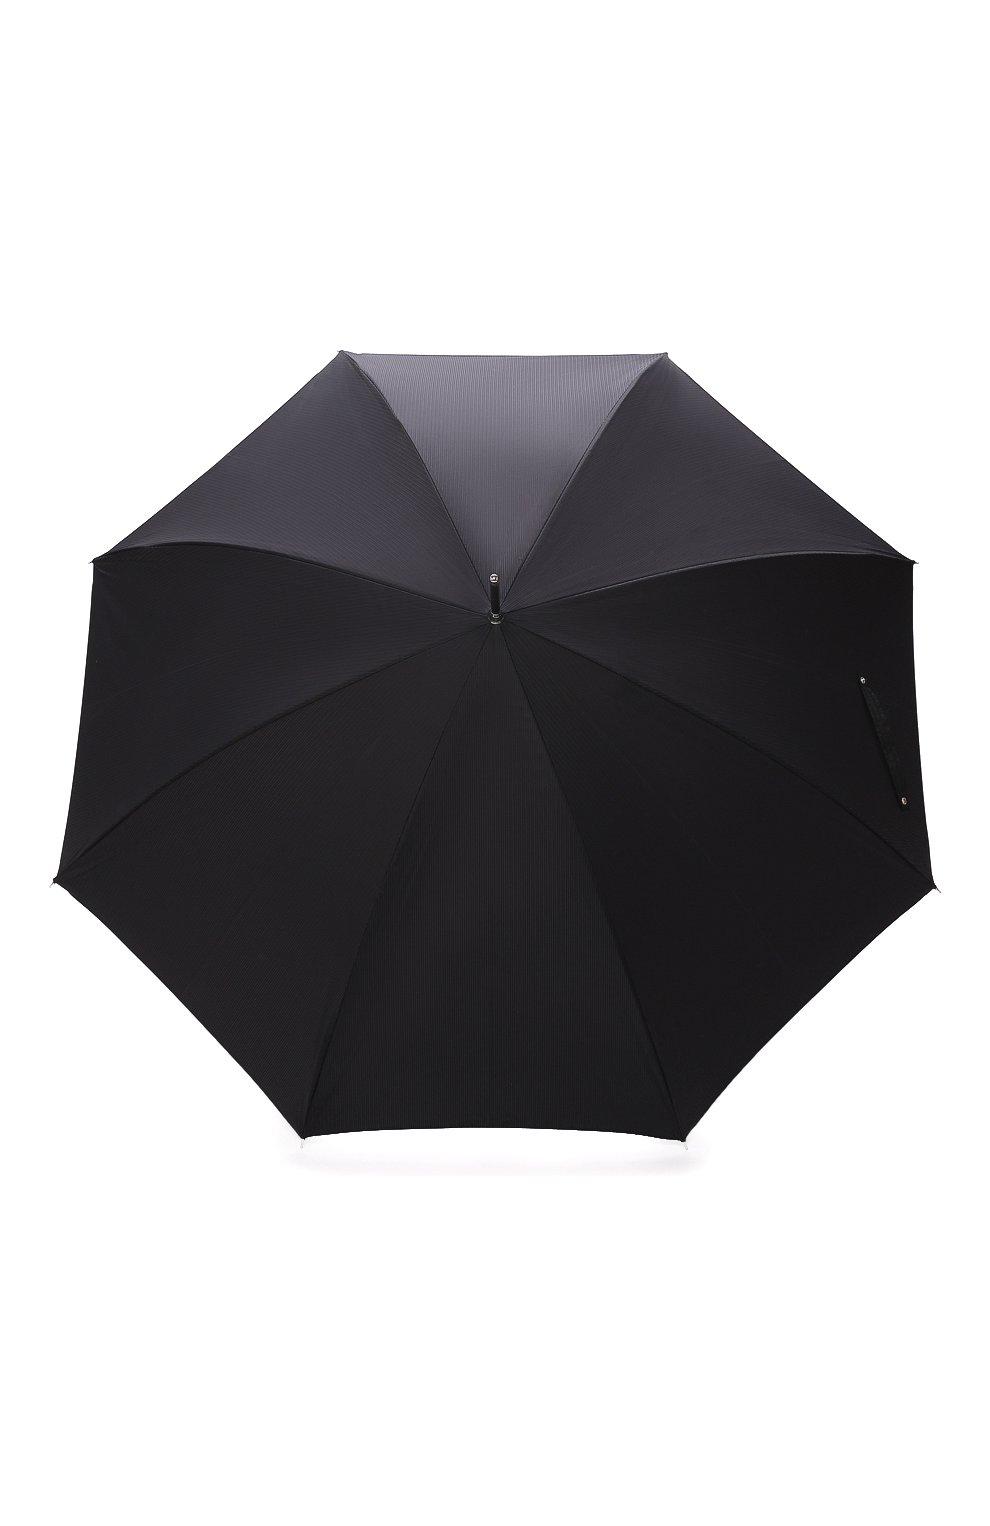 Мужской зонт-трость PASOTTI OMBRELLI черного цвета, арт. 478/RAS0 6768/1/W68 | Фото 1